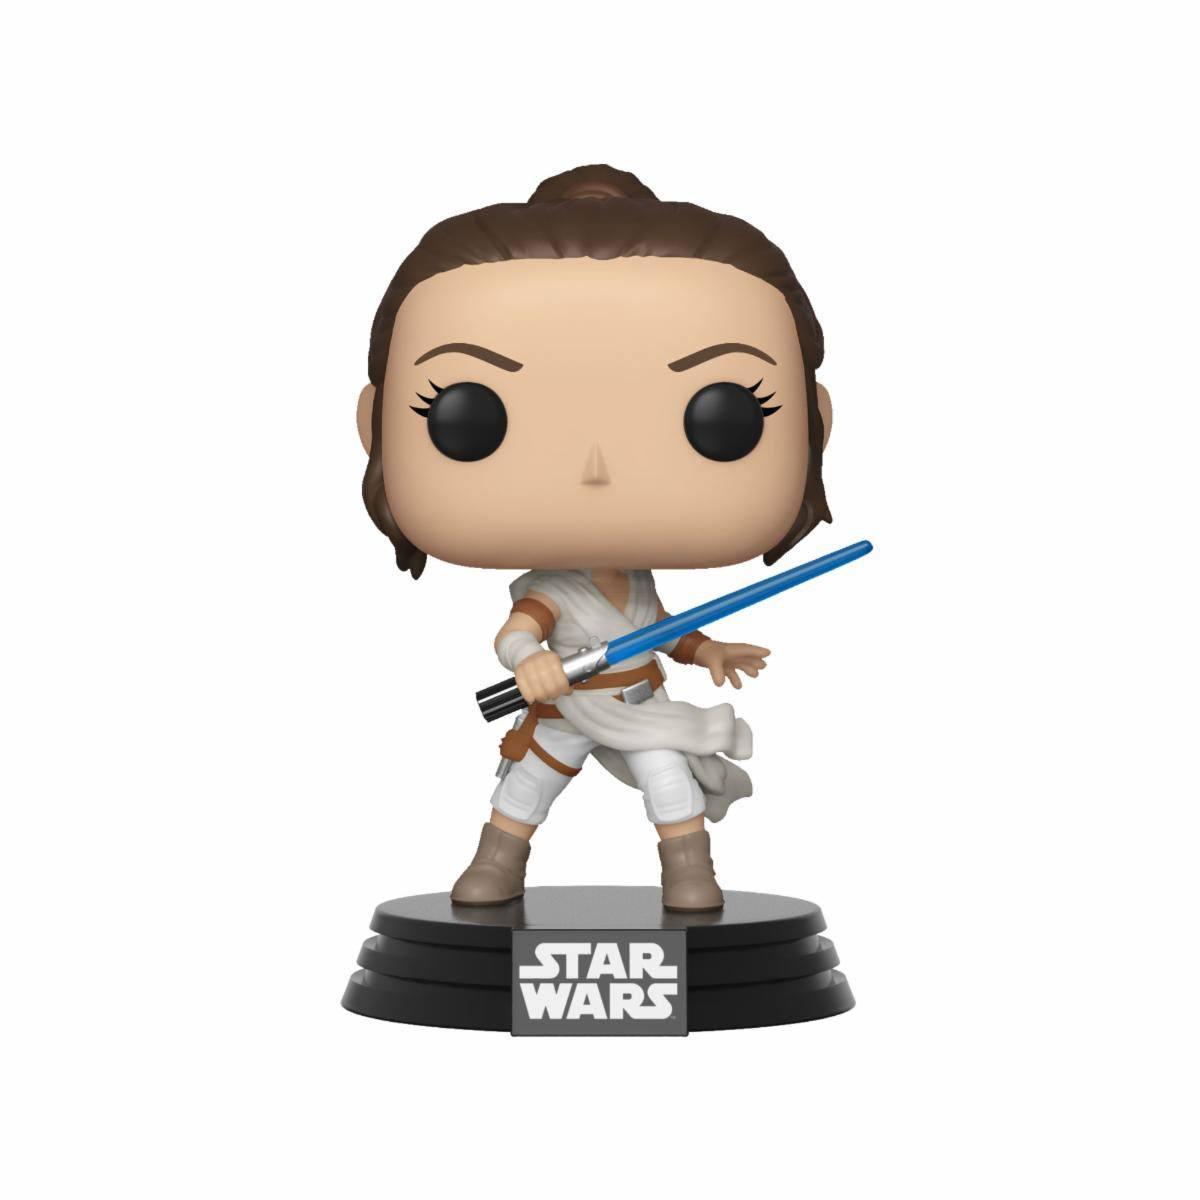 Star Wars Episode IX POP! Movies Vinyl Figure Rey 9 cm